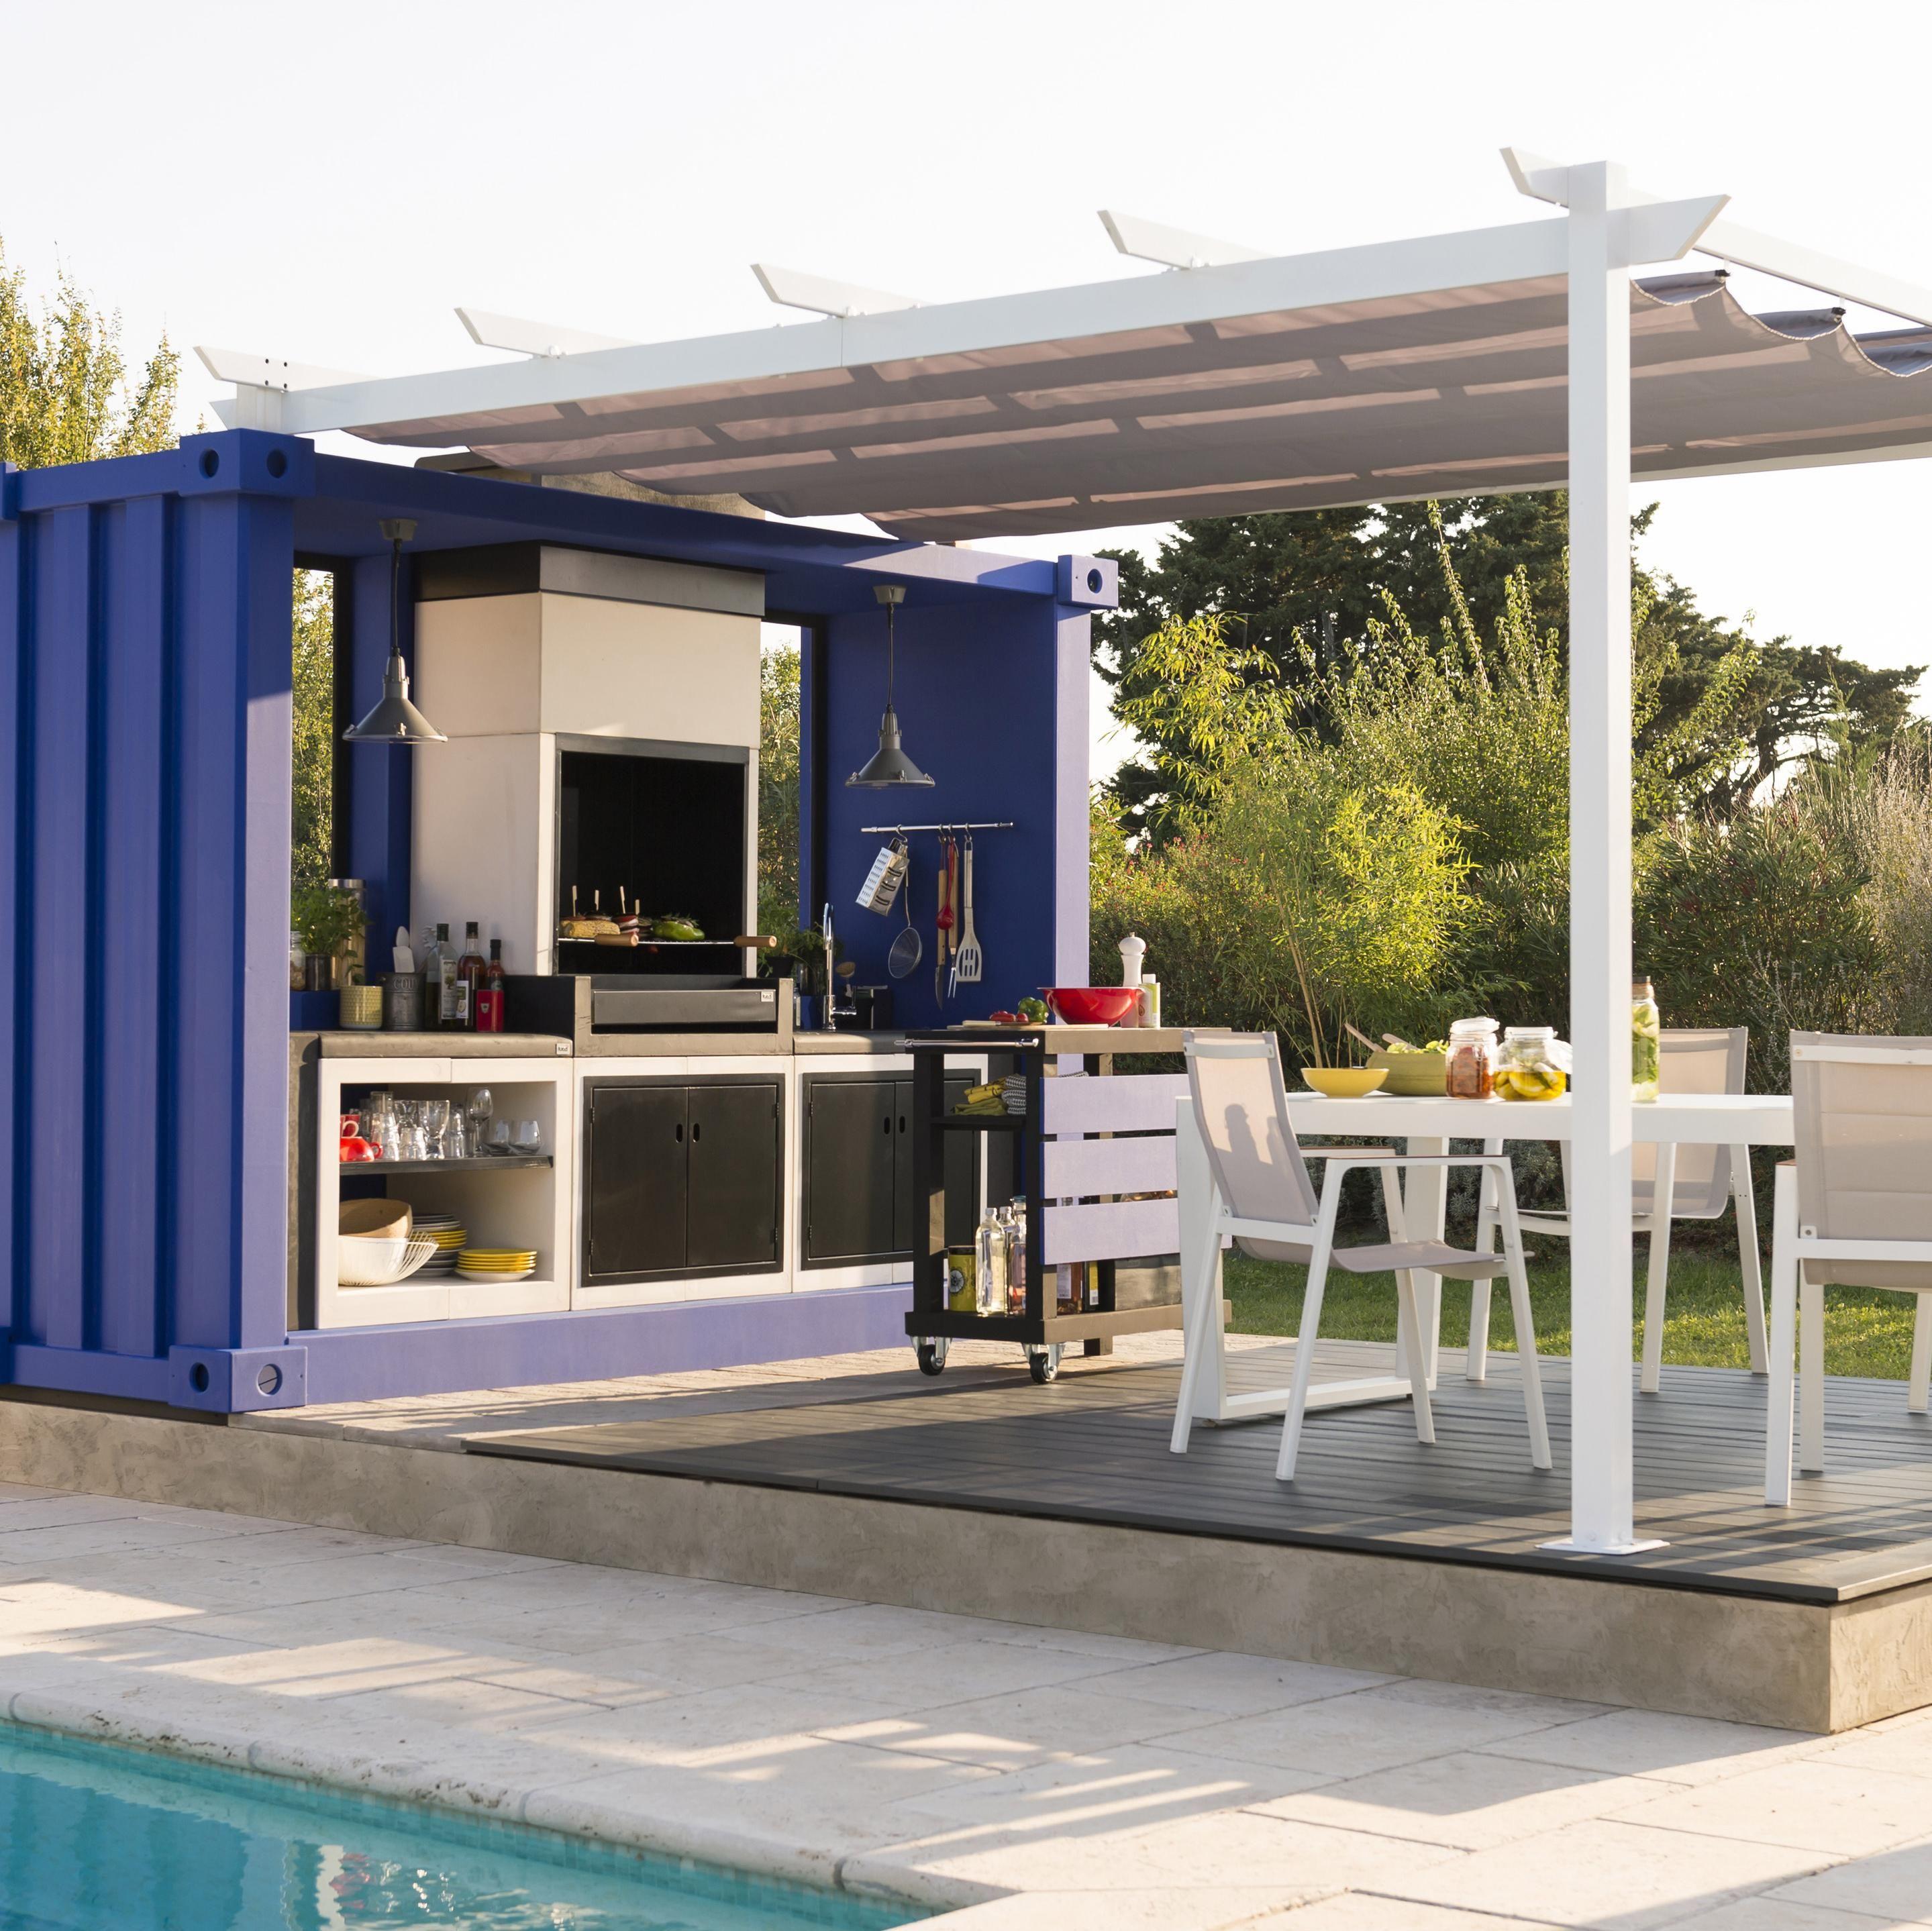 Toile Polyester Niagara Gris L 282 X L 400 Cm Naterial Cuisine Exterieur Exterieur Et Amenagement Exterieur